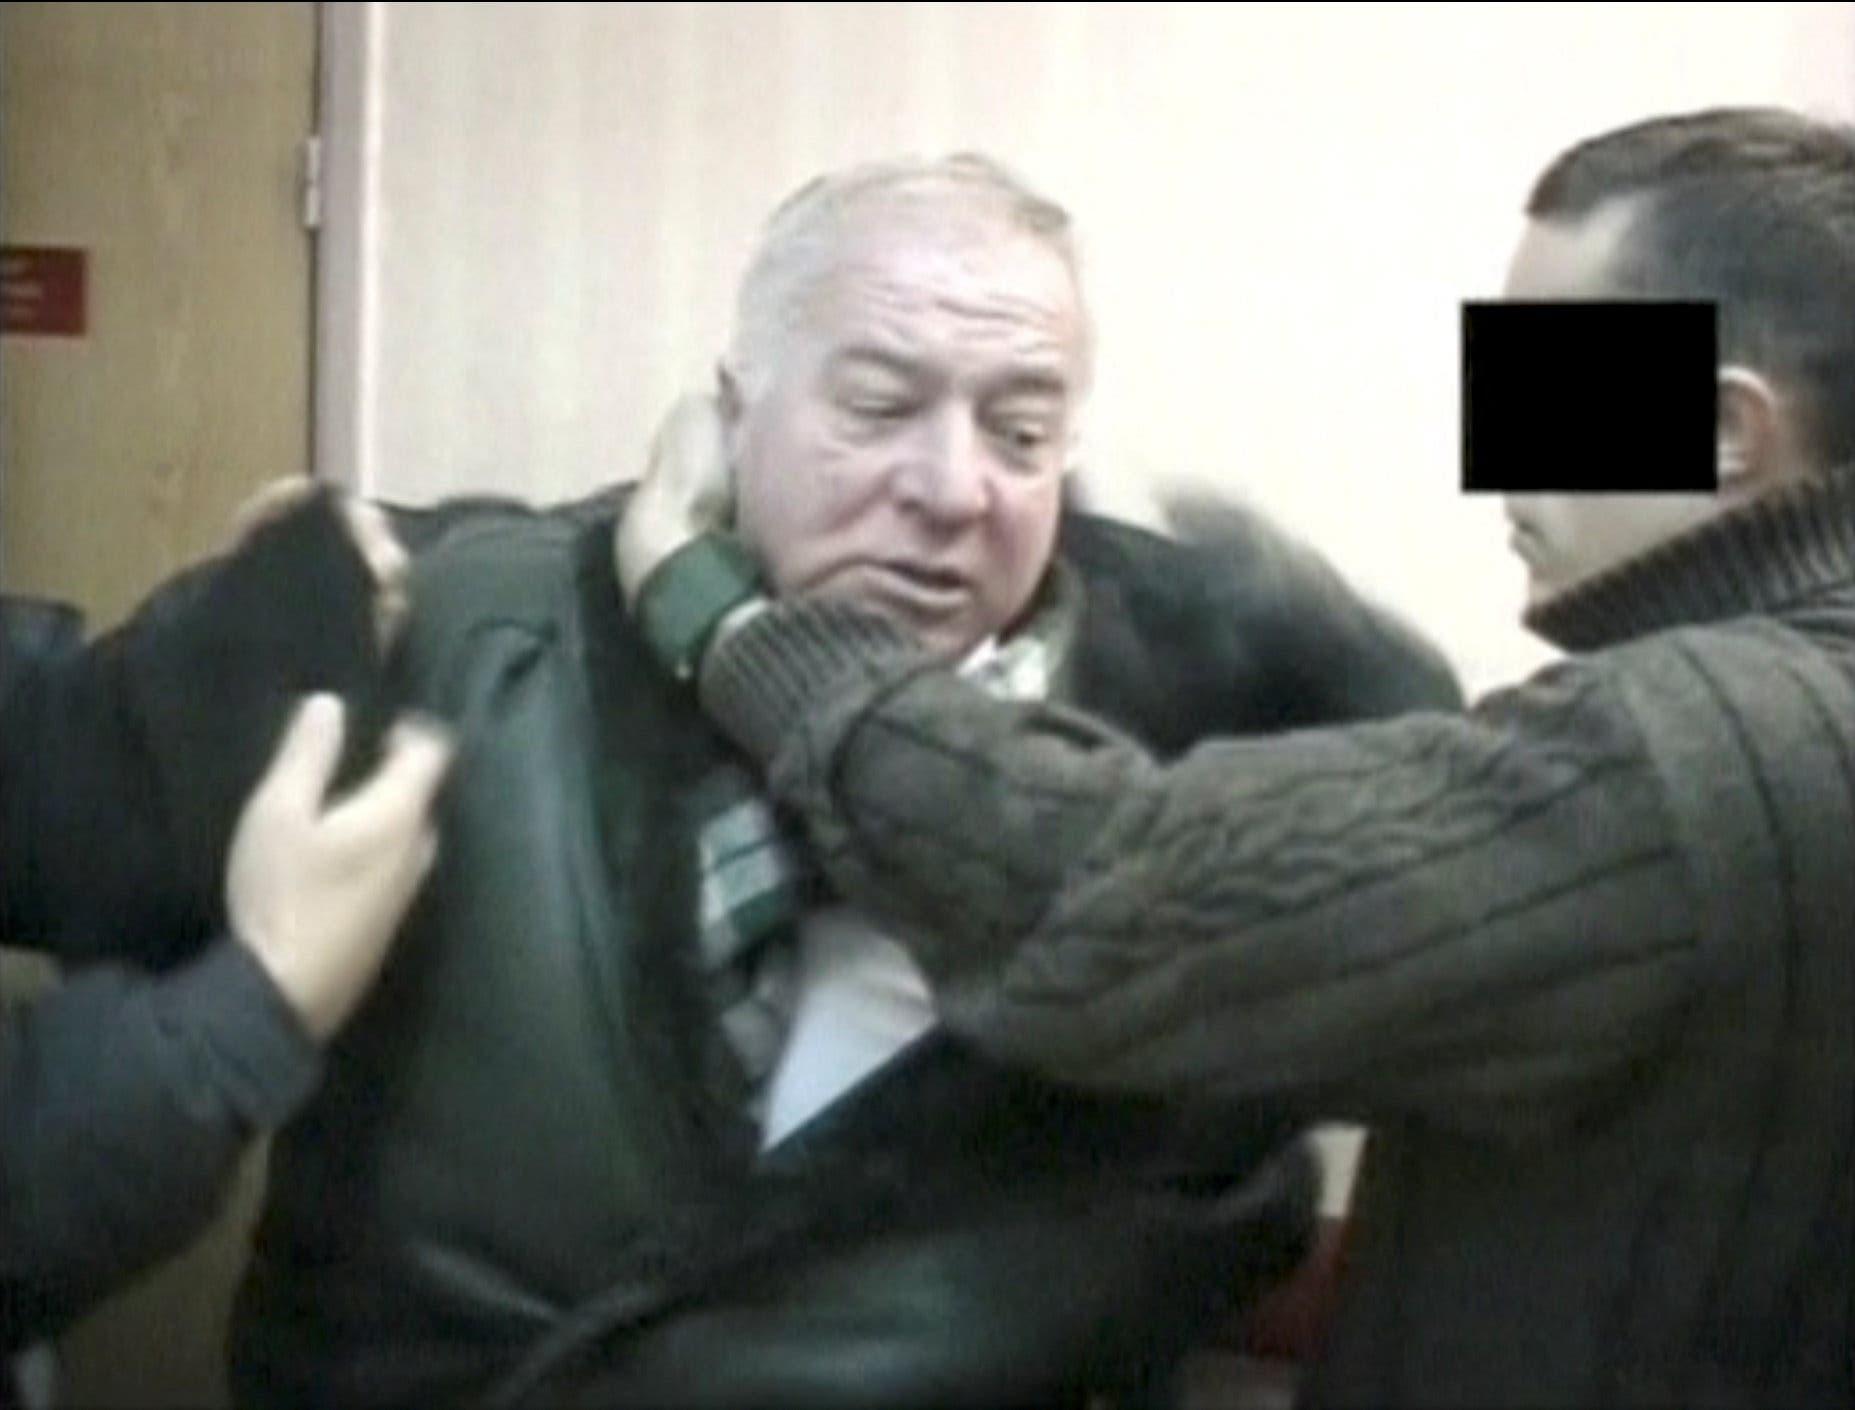 لقطة من فيديو للجاسوس الروسي وهو معتقل لدى أجهزة أمنية غير محددة وبتاريخ غير محدد